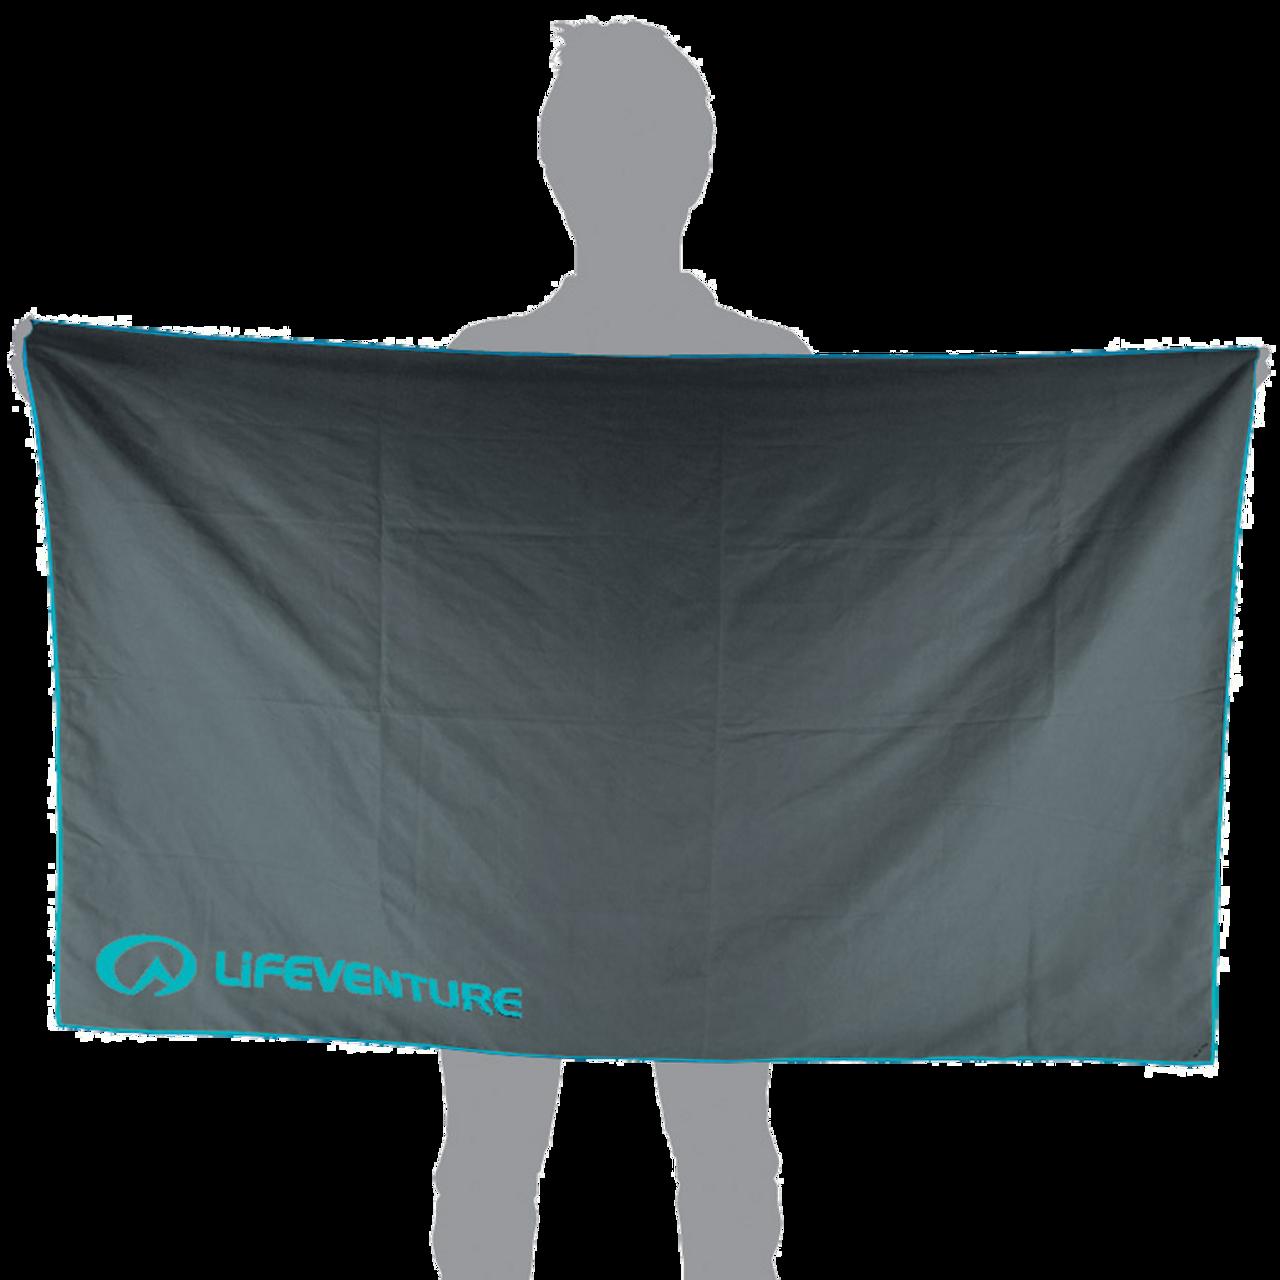 Giant Softfibre Trek Towel